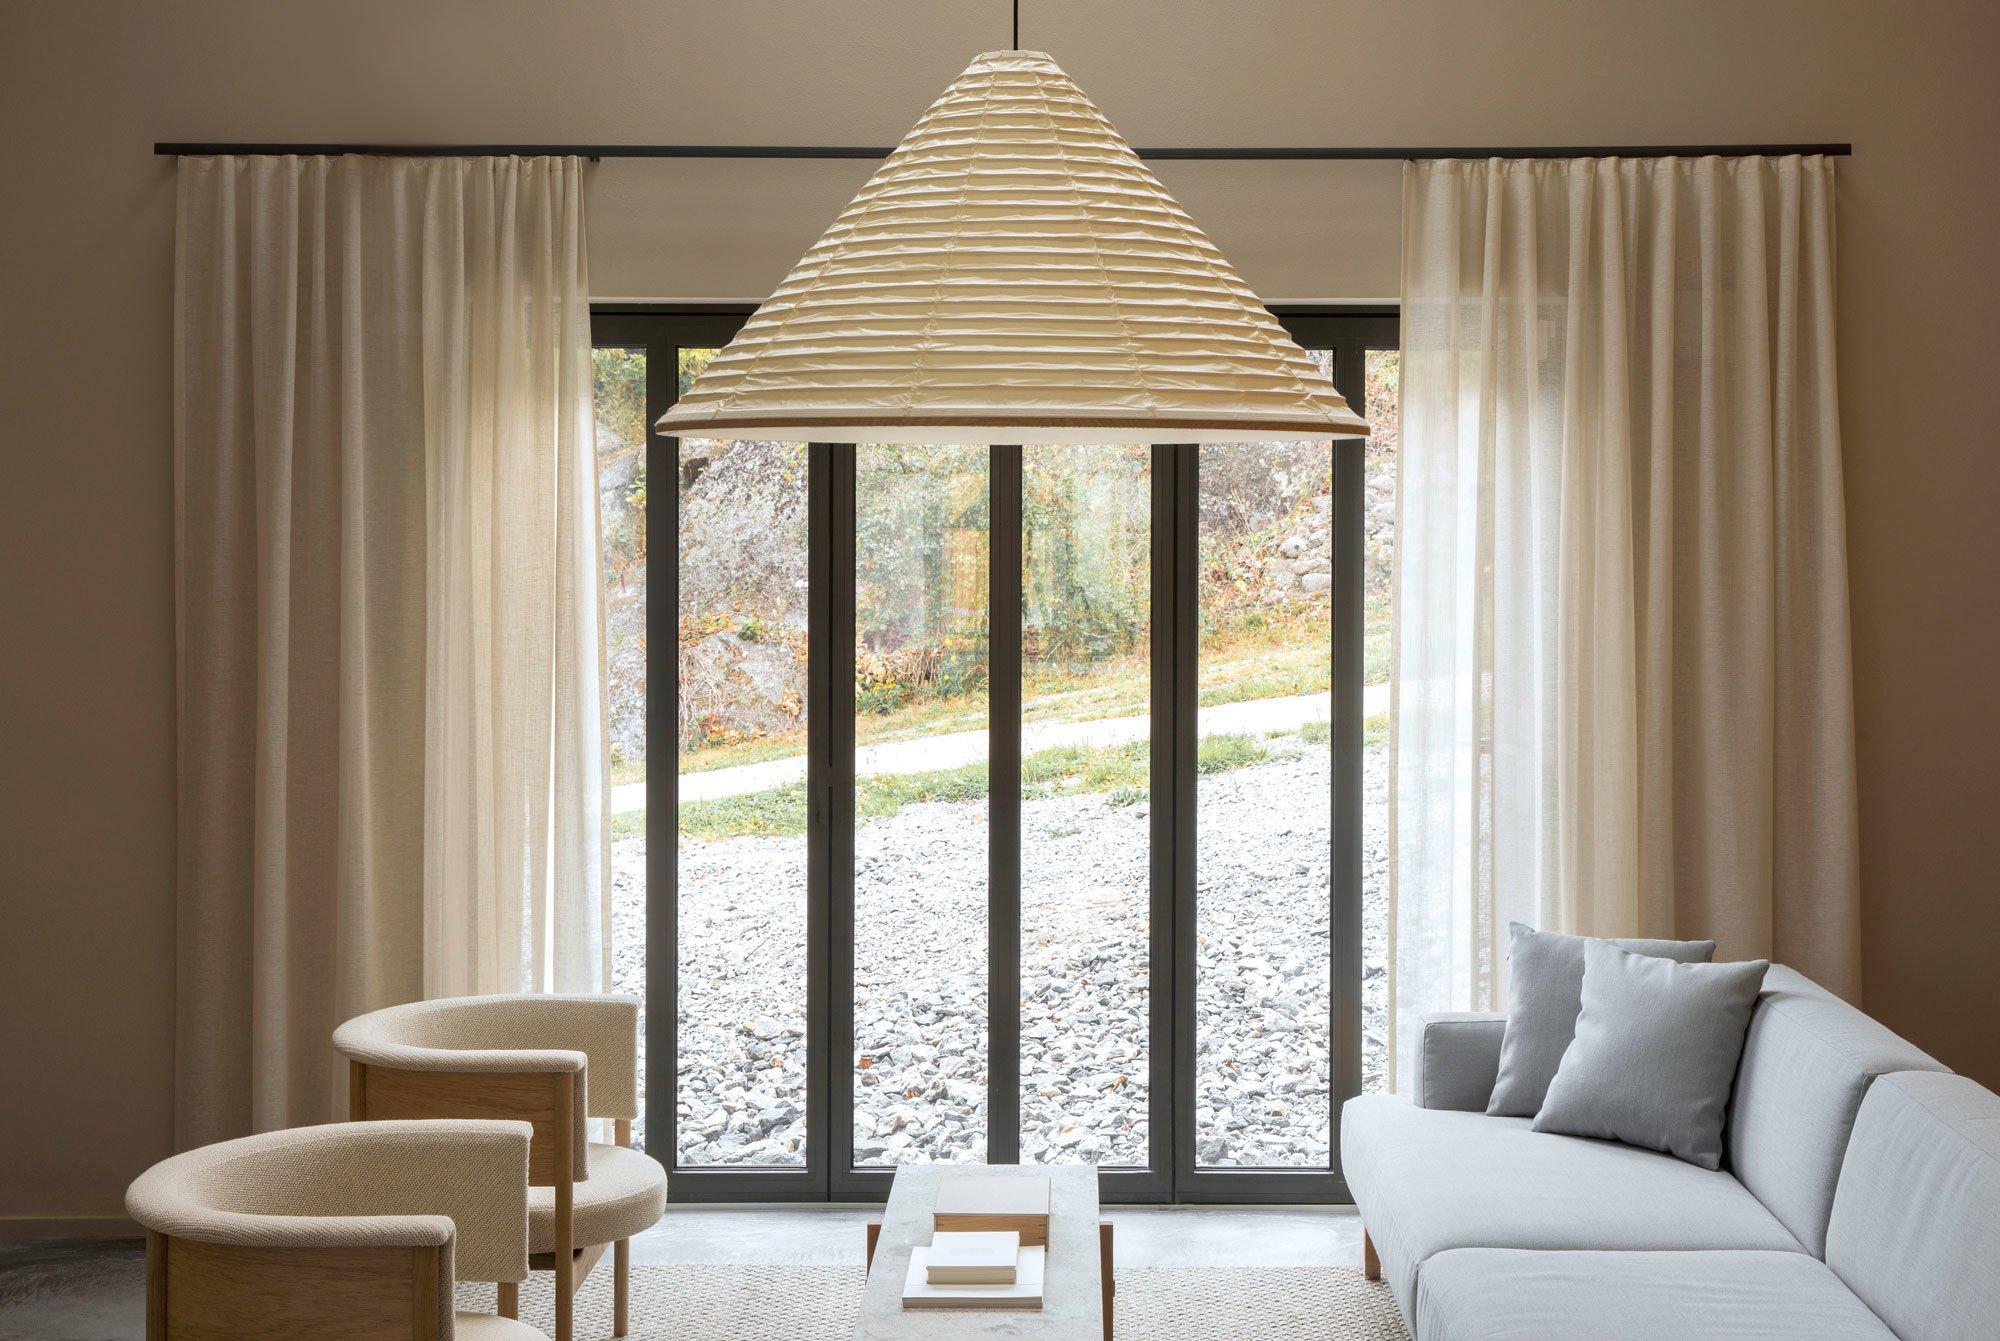 Viel Holz, traditionelles Handwerk und japanisch-dänisches Fusionsdesign: Keiji Ashizawa und Norm Architects gestalteten ein Haus mit eigener Möbelkollektion.